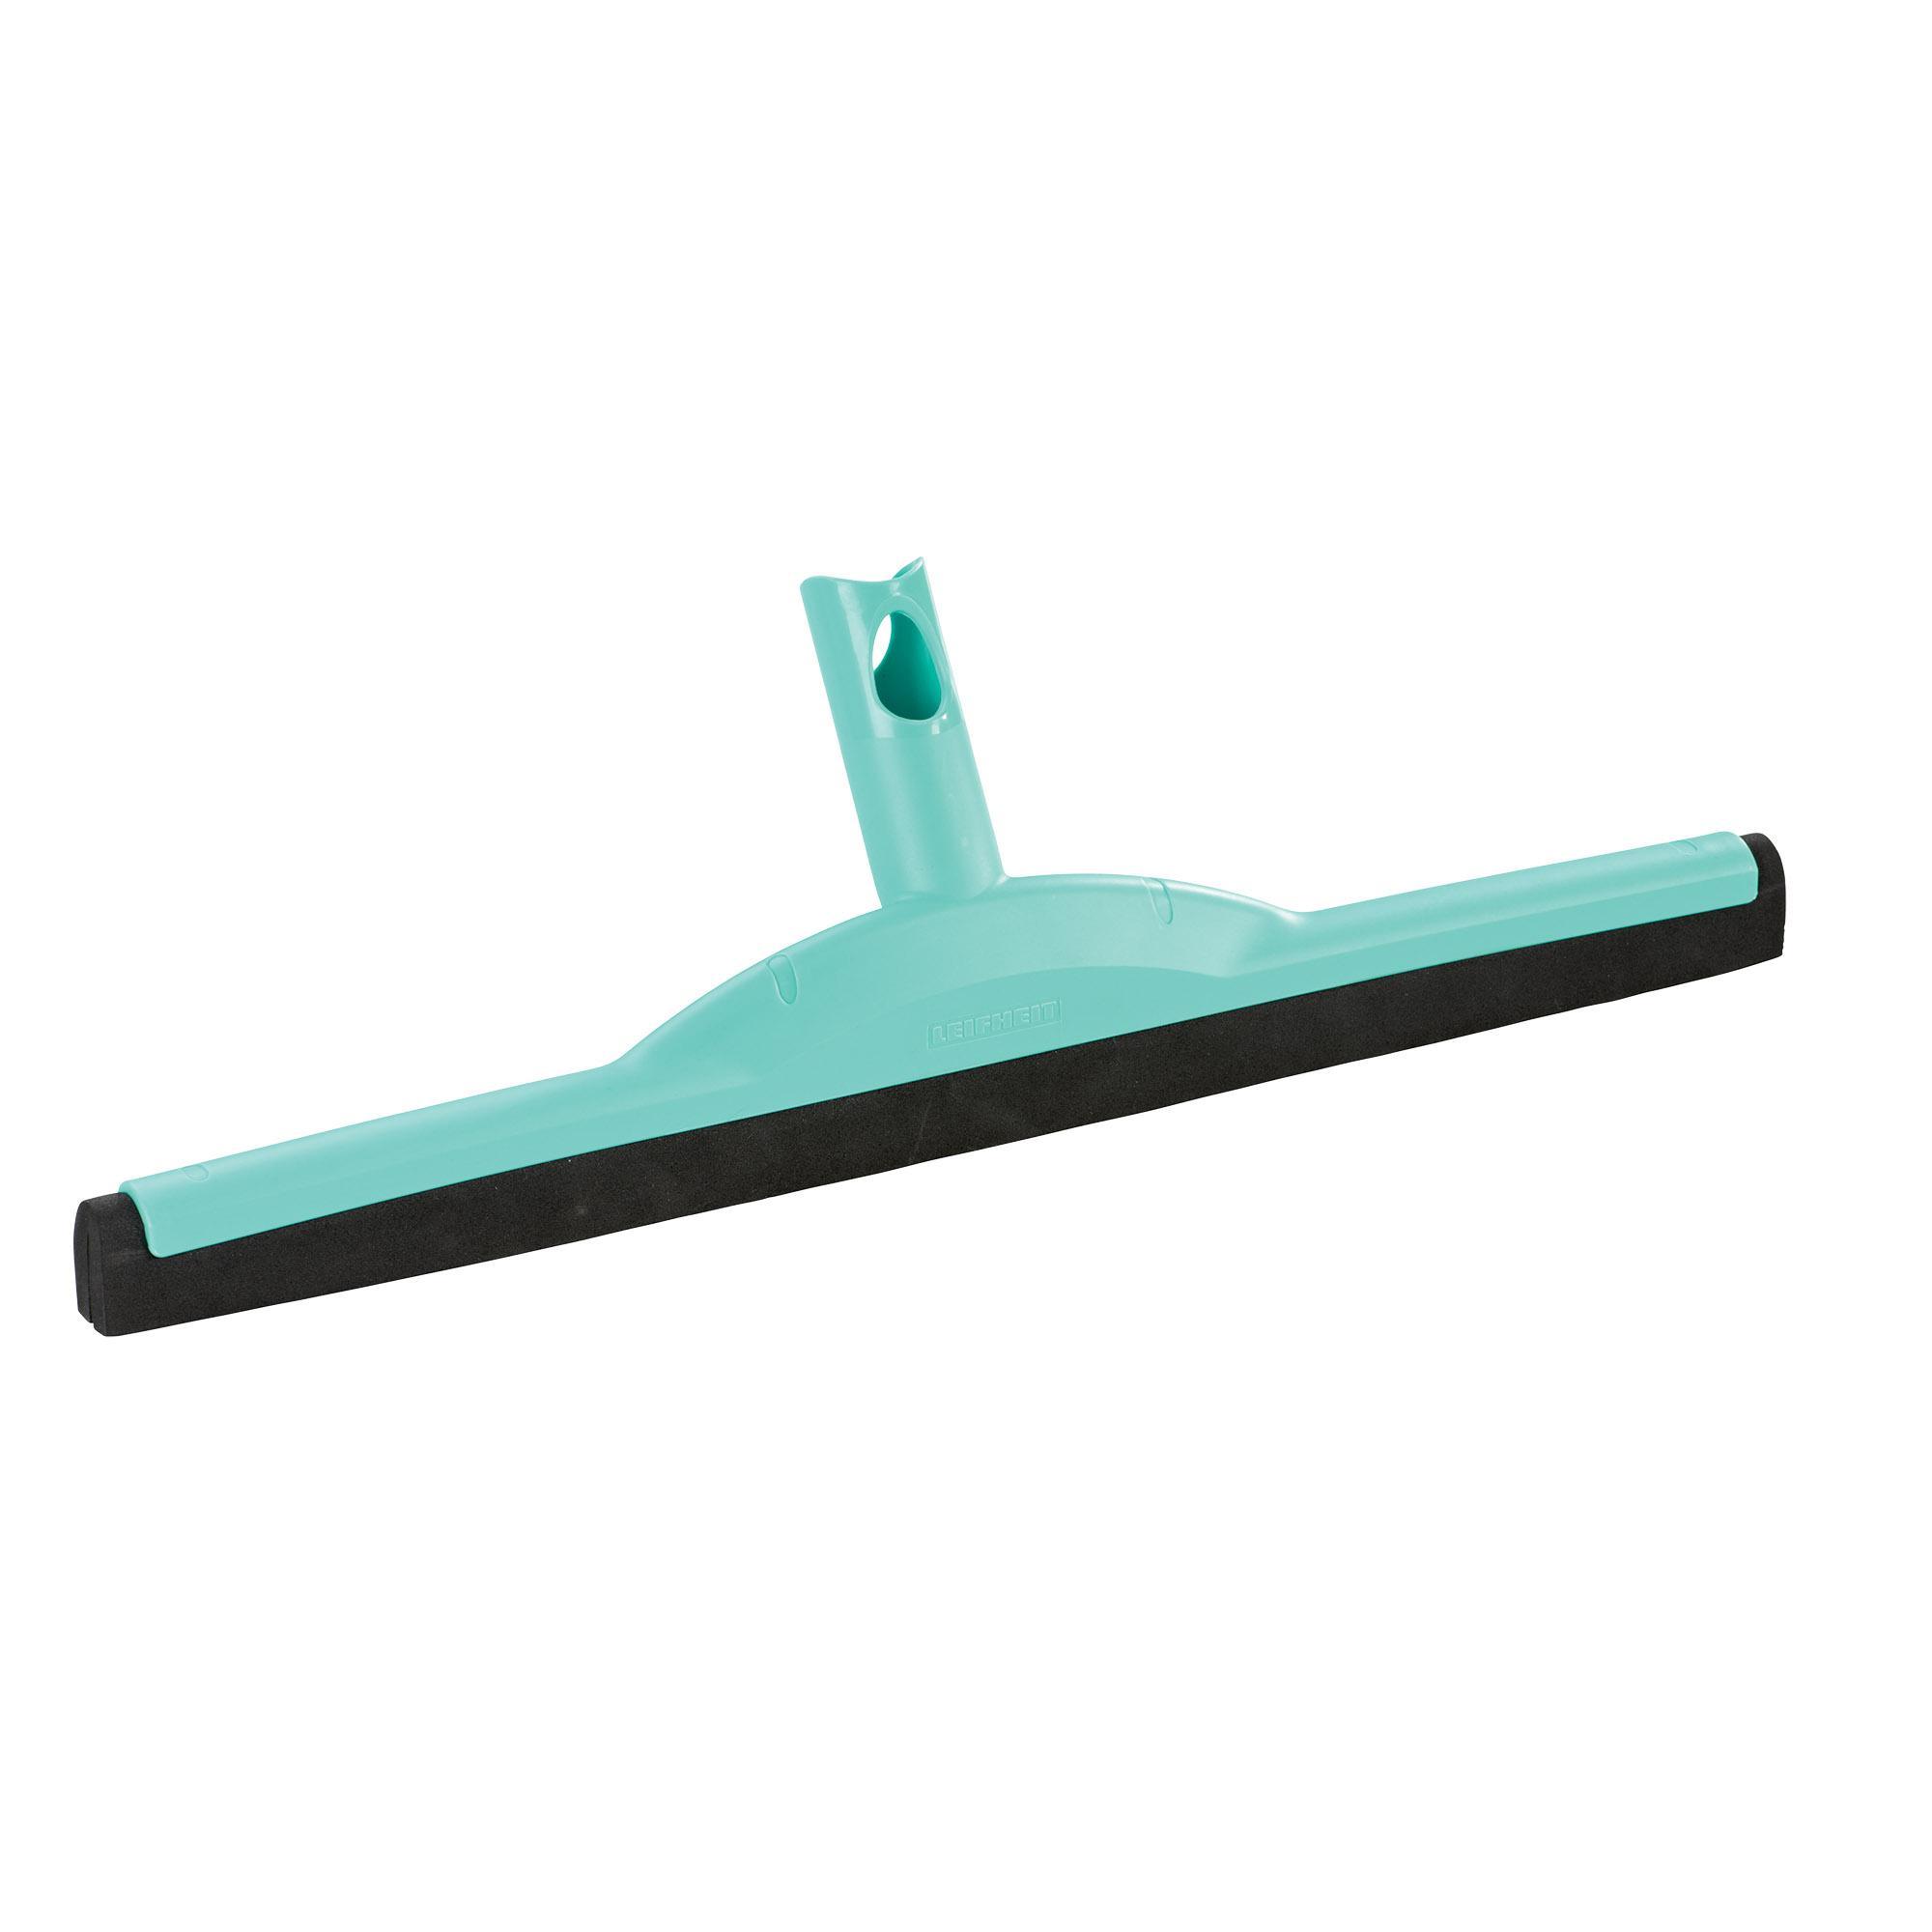 Amazon Com 3 In 1 Rubber Broom Head Attachment For